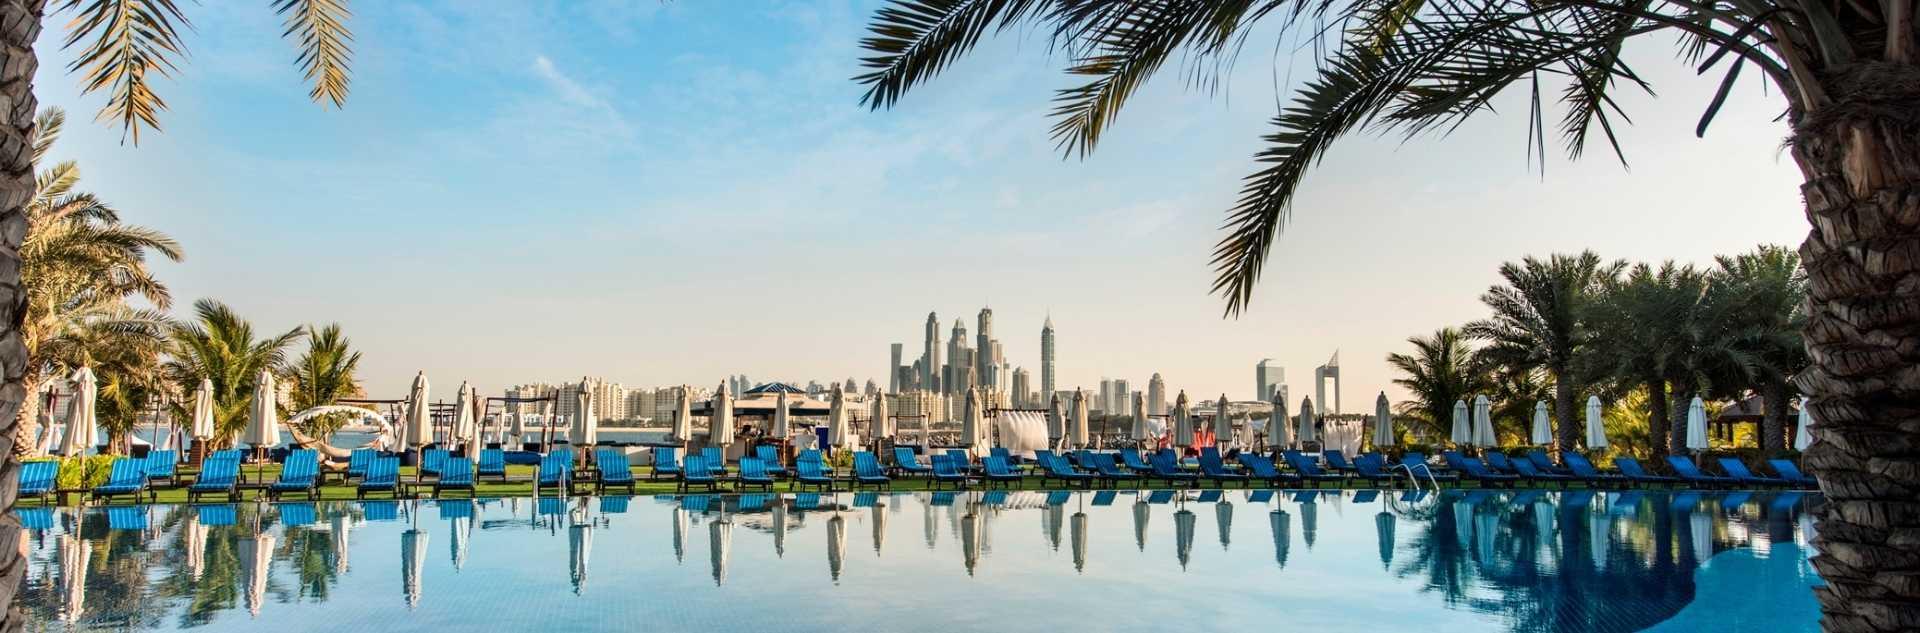 Rixos The Palm: Blick auf die Skyline von Dubai im Pool